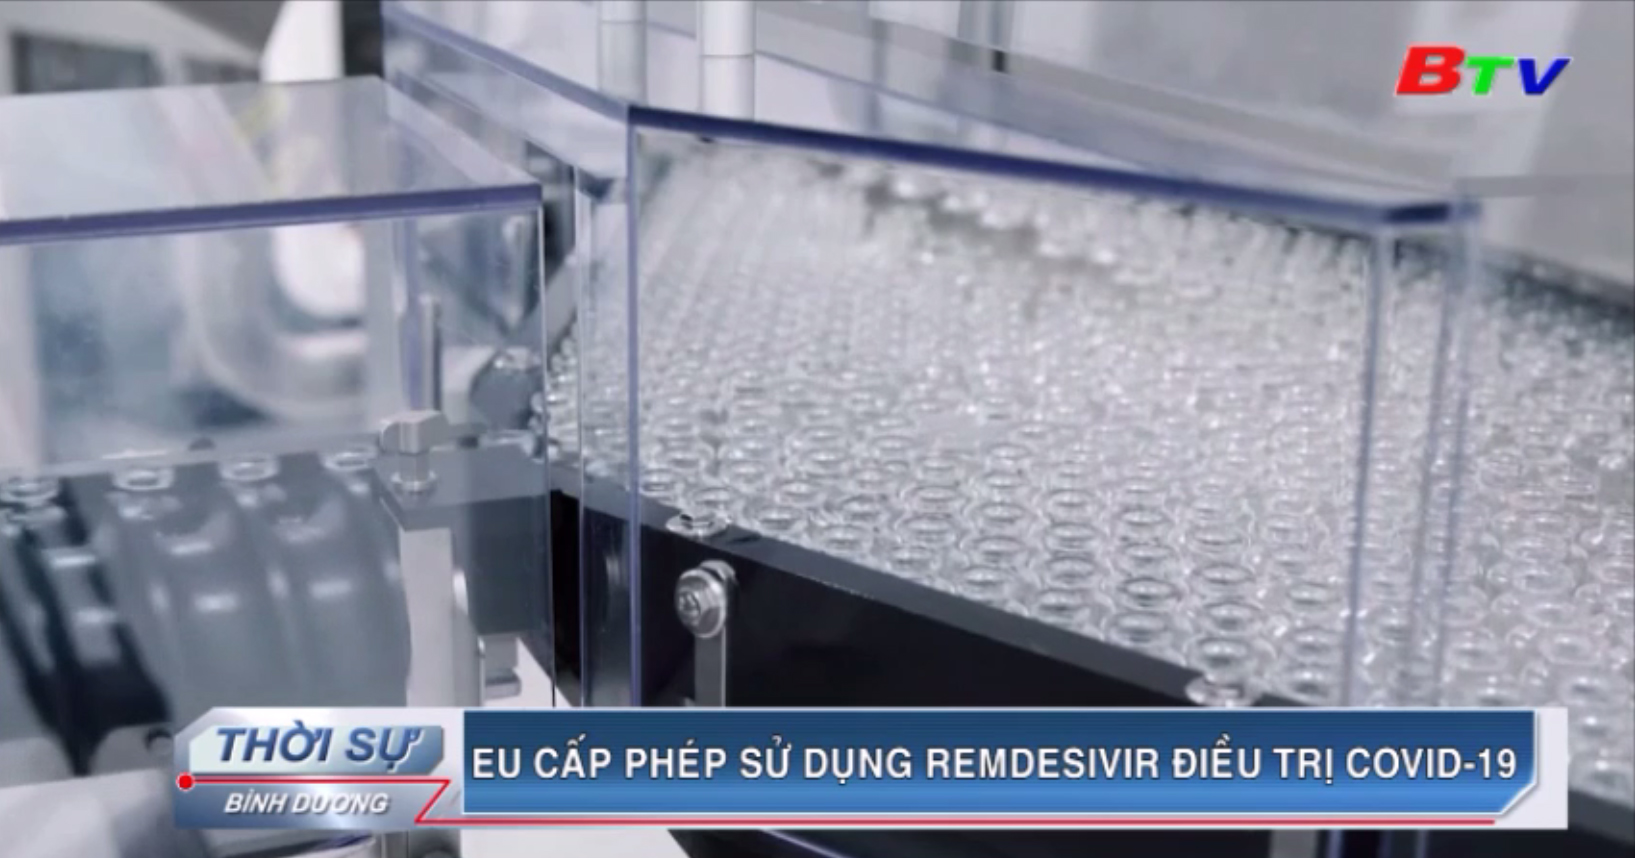 EU cấp phép sử dụng Remdesivir điều trị Covid-19